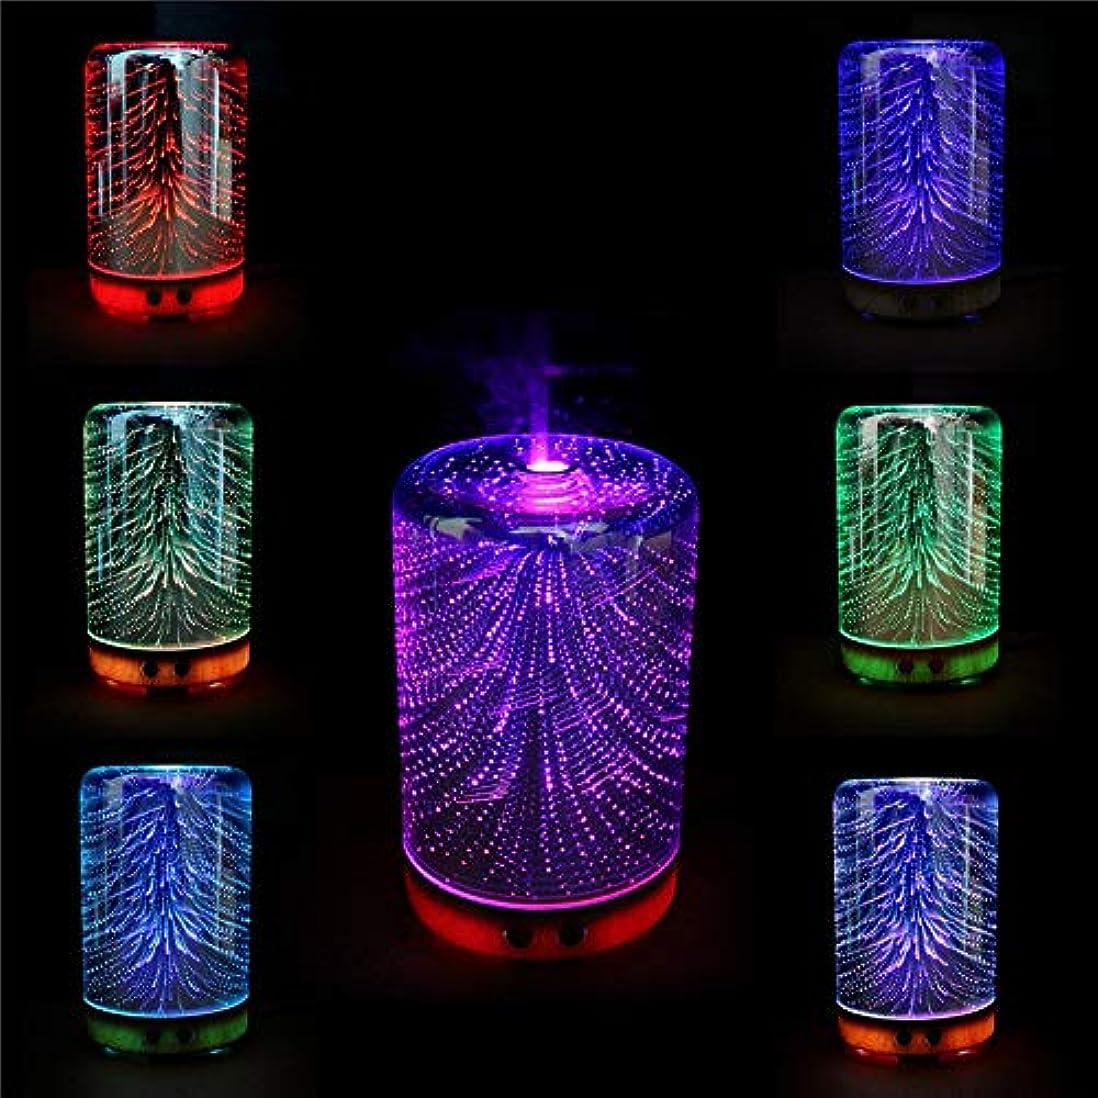 愛キャメル金銭的なLYEJM Color Changing 3D Lighting Essential Oil Aroma Diffuser Ultrasonic Mist Humidifier Aromatherapy 141[並行輸入]